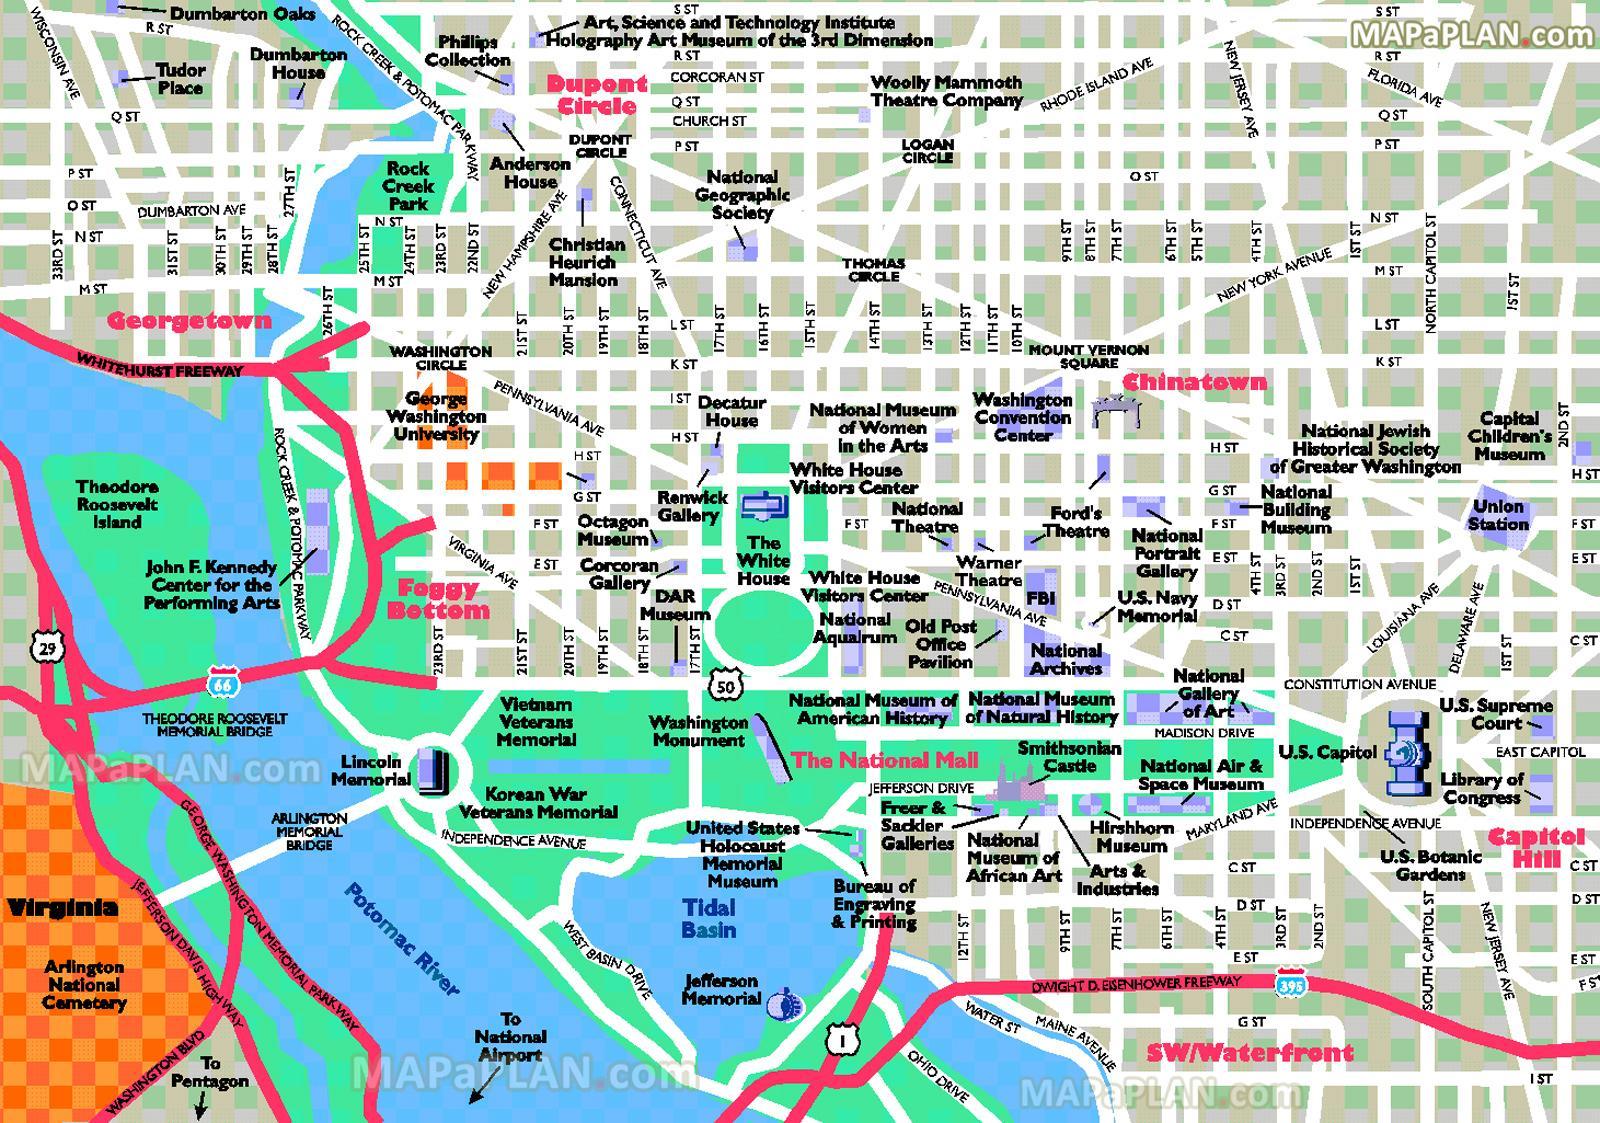 Cartina Washington.Washington Dc Attrazioni Mappa Washington Dc Attrazioni Turistiche Mappa Distretto Di Columbia Usa